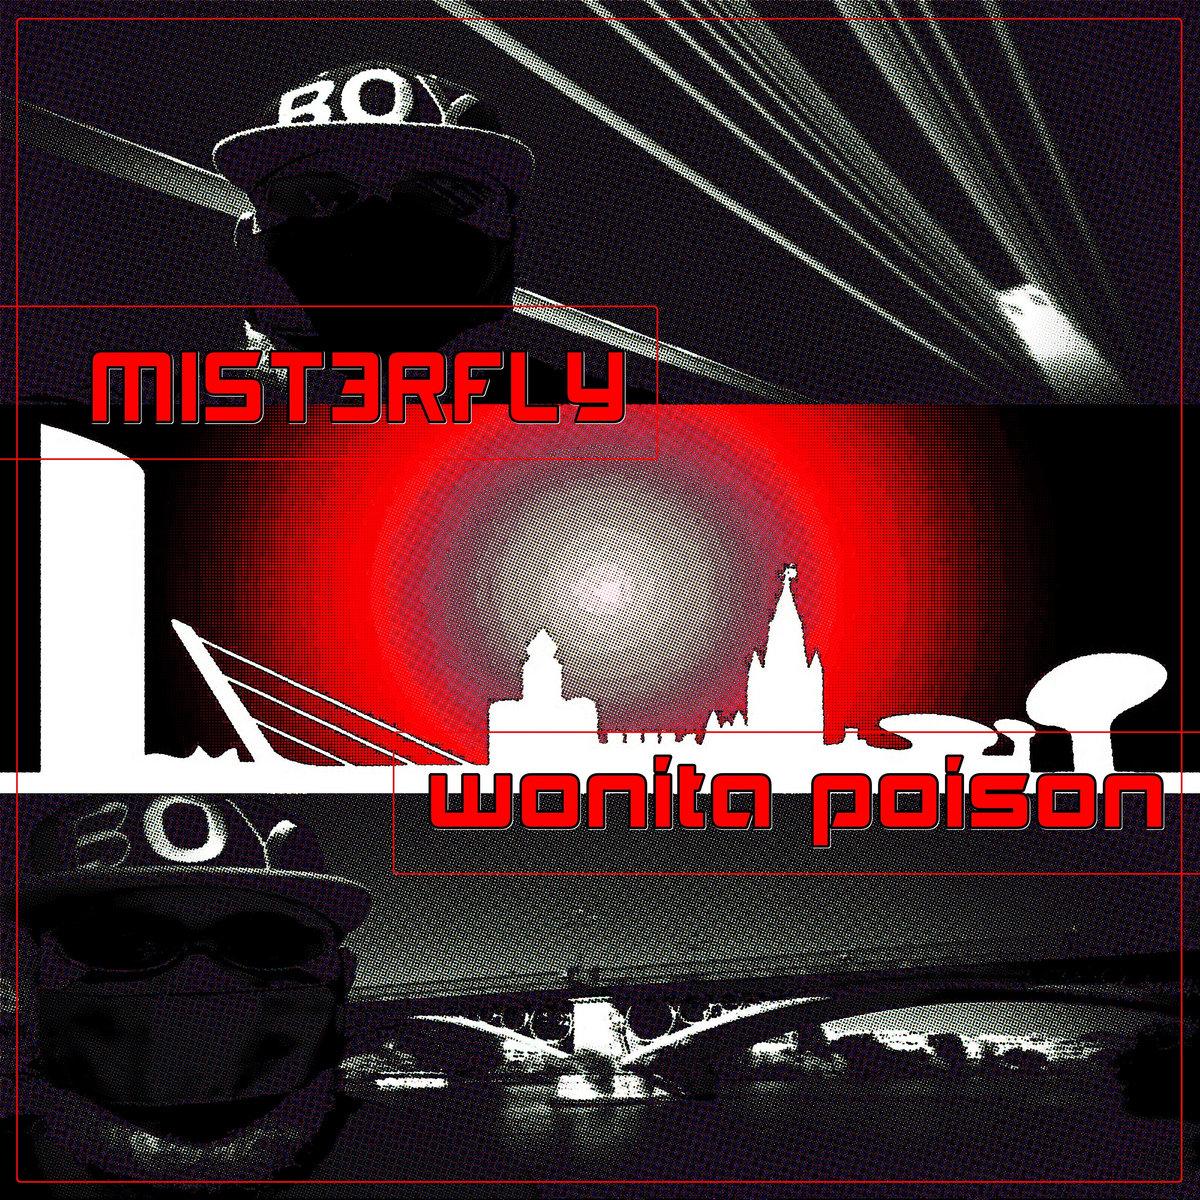 Wonita Poison - Mist3rfly